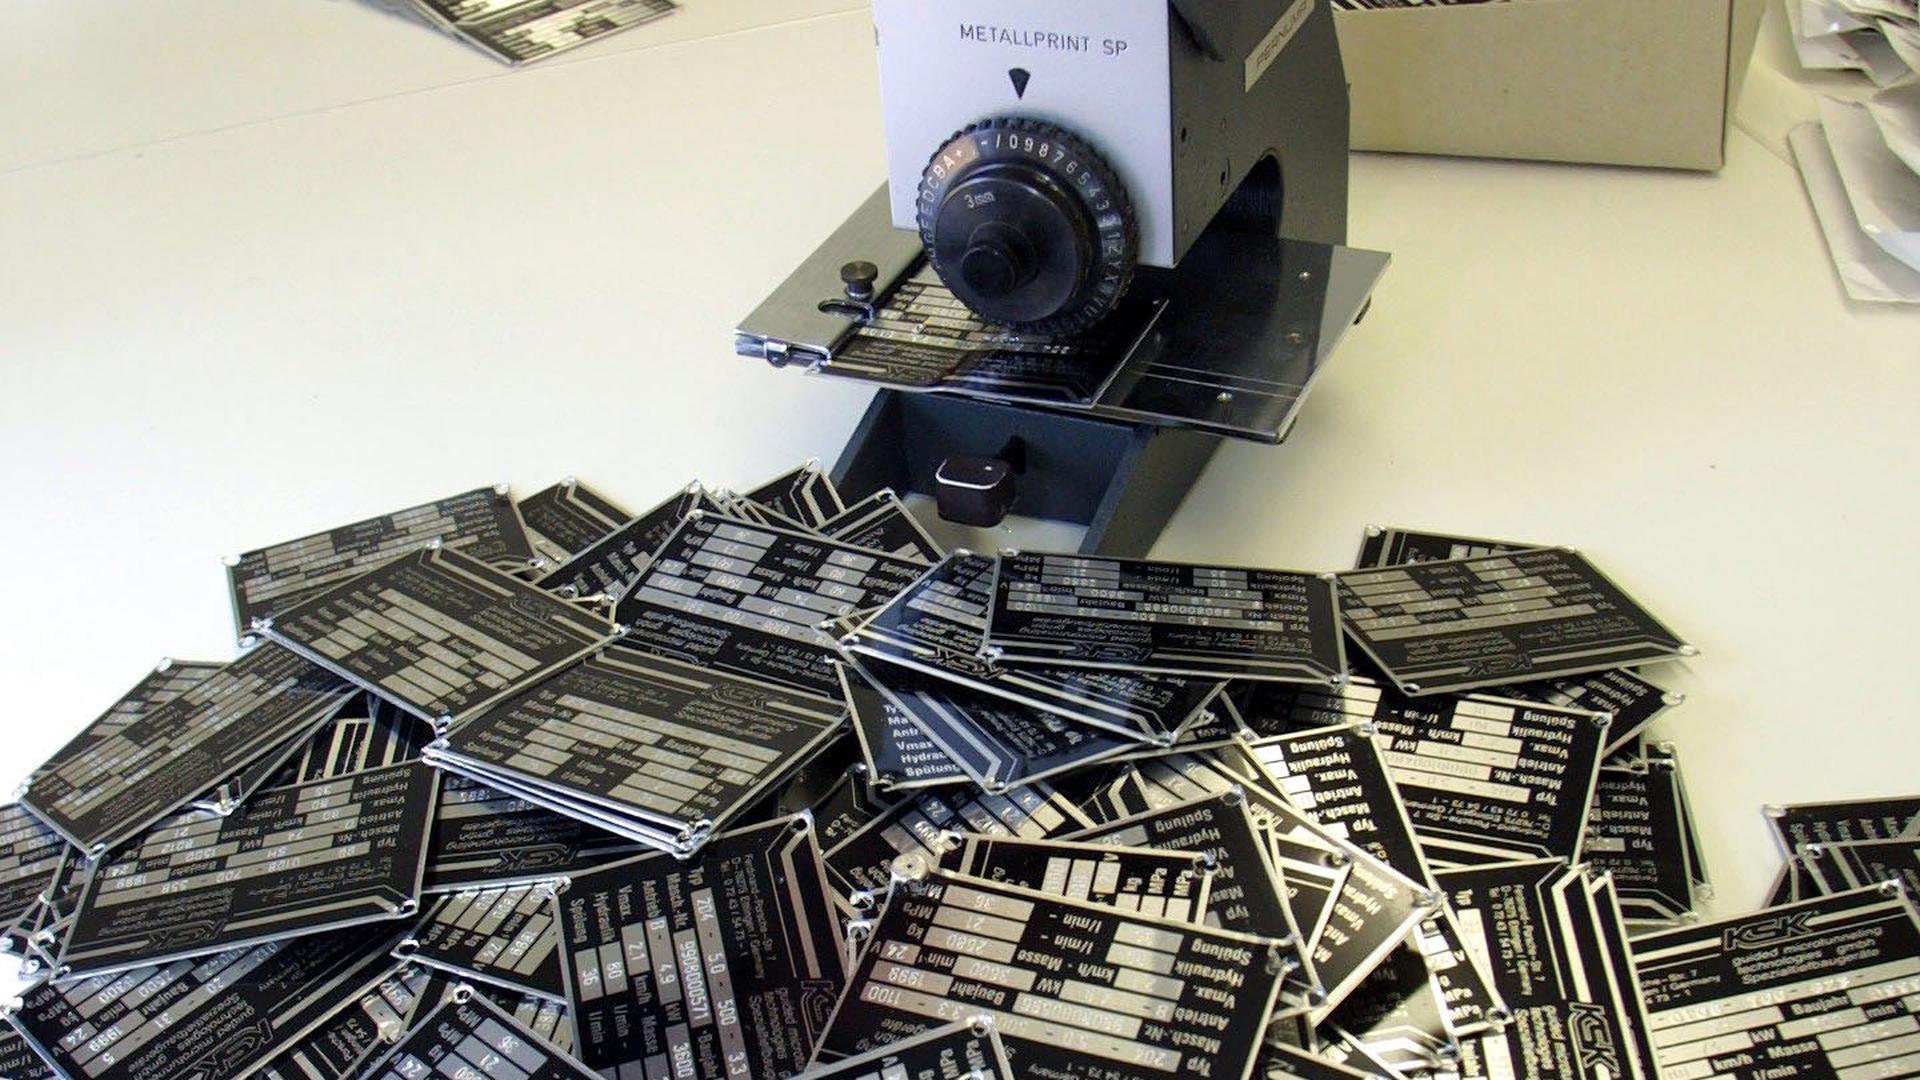 In der Landespolizeidirektion Karlsruhe werden eine Prägemaschine und Blanko-Typenschilder gezeigt, die im milliardenschweren FlowTex-Verfahren eine wichtige Rolle spielen (Archivfoto vom 06.09.2001). Nach jahrelangem Schweigen hat die Schlüsselfigur im milliardenschweren FlowTex-Schadenersatzprozess am Donnerstag (09.06.2005) in Karlsruhe ihr Schweigen gebrochen. Vor dem Landgericht wollte der 55 Jahre alte Betriebsprüfer im Laufe des Prozesses unter anderem Aussagen machen zur Rolle der Verwaltung im gigantischen FlowTex-Betrugssystem, das erst im Jahr 2000 aufgedeckt werden konnte. Dem aussagenden Finanzbeamten wird vorgeworfen, das betrügerische System mit nicht vorhandenen Bohrsystemen bereits bei einer Betriebsprüfung 1996 erkannt und gedeckt zu haben. Foto: Uli Deck dpa/lsw (zu dpa/lsw 7167 vom 09.06.2005) +++ dpa-Bildfunk +++